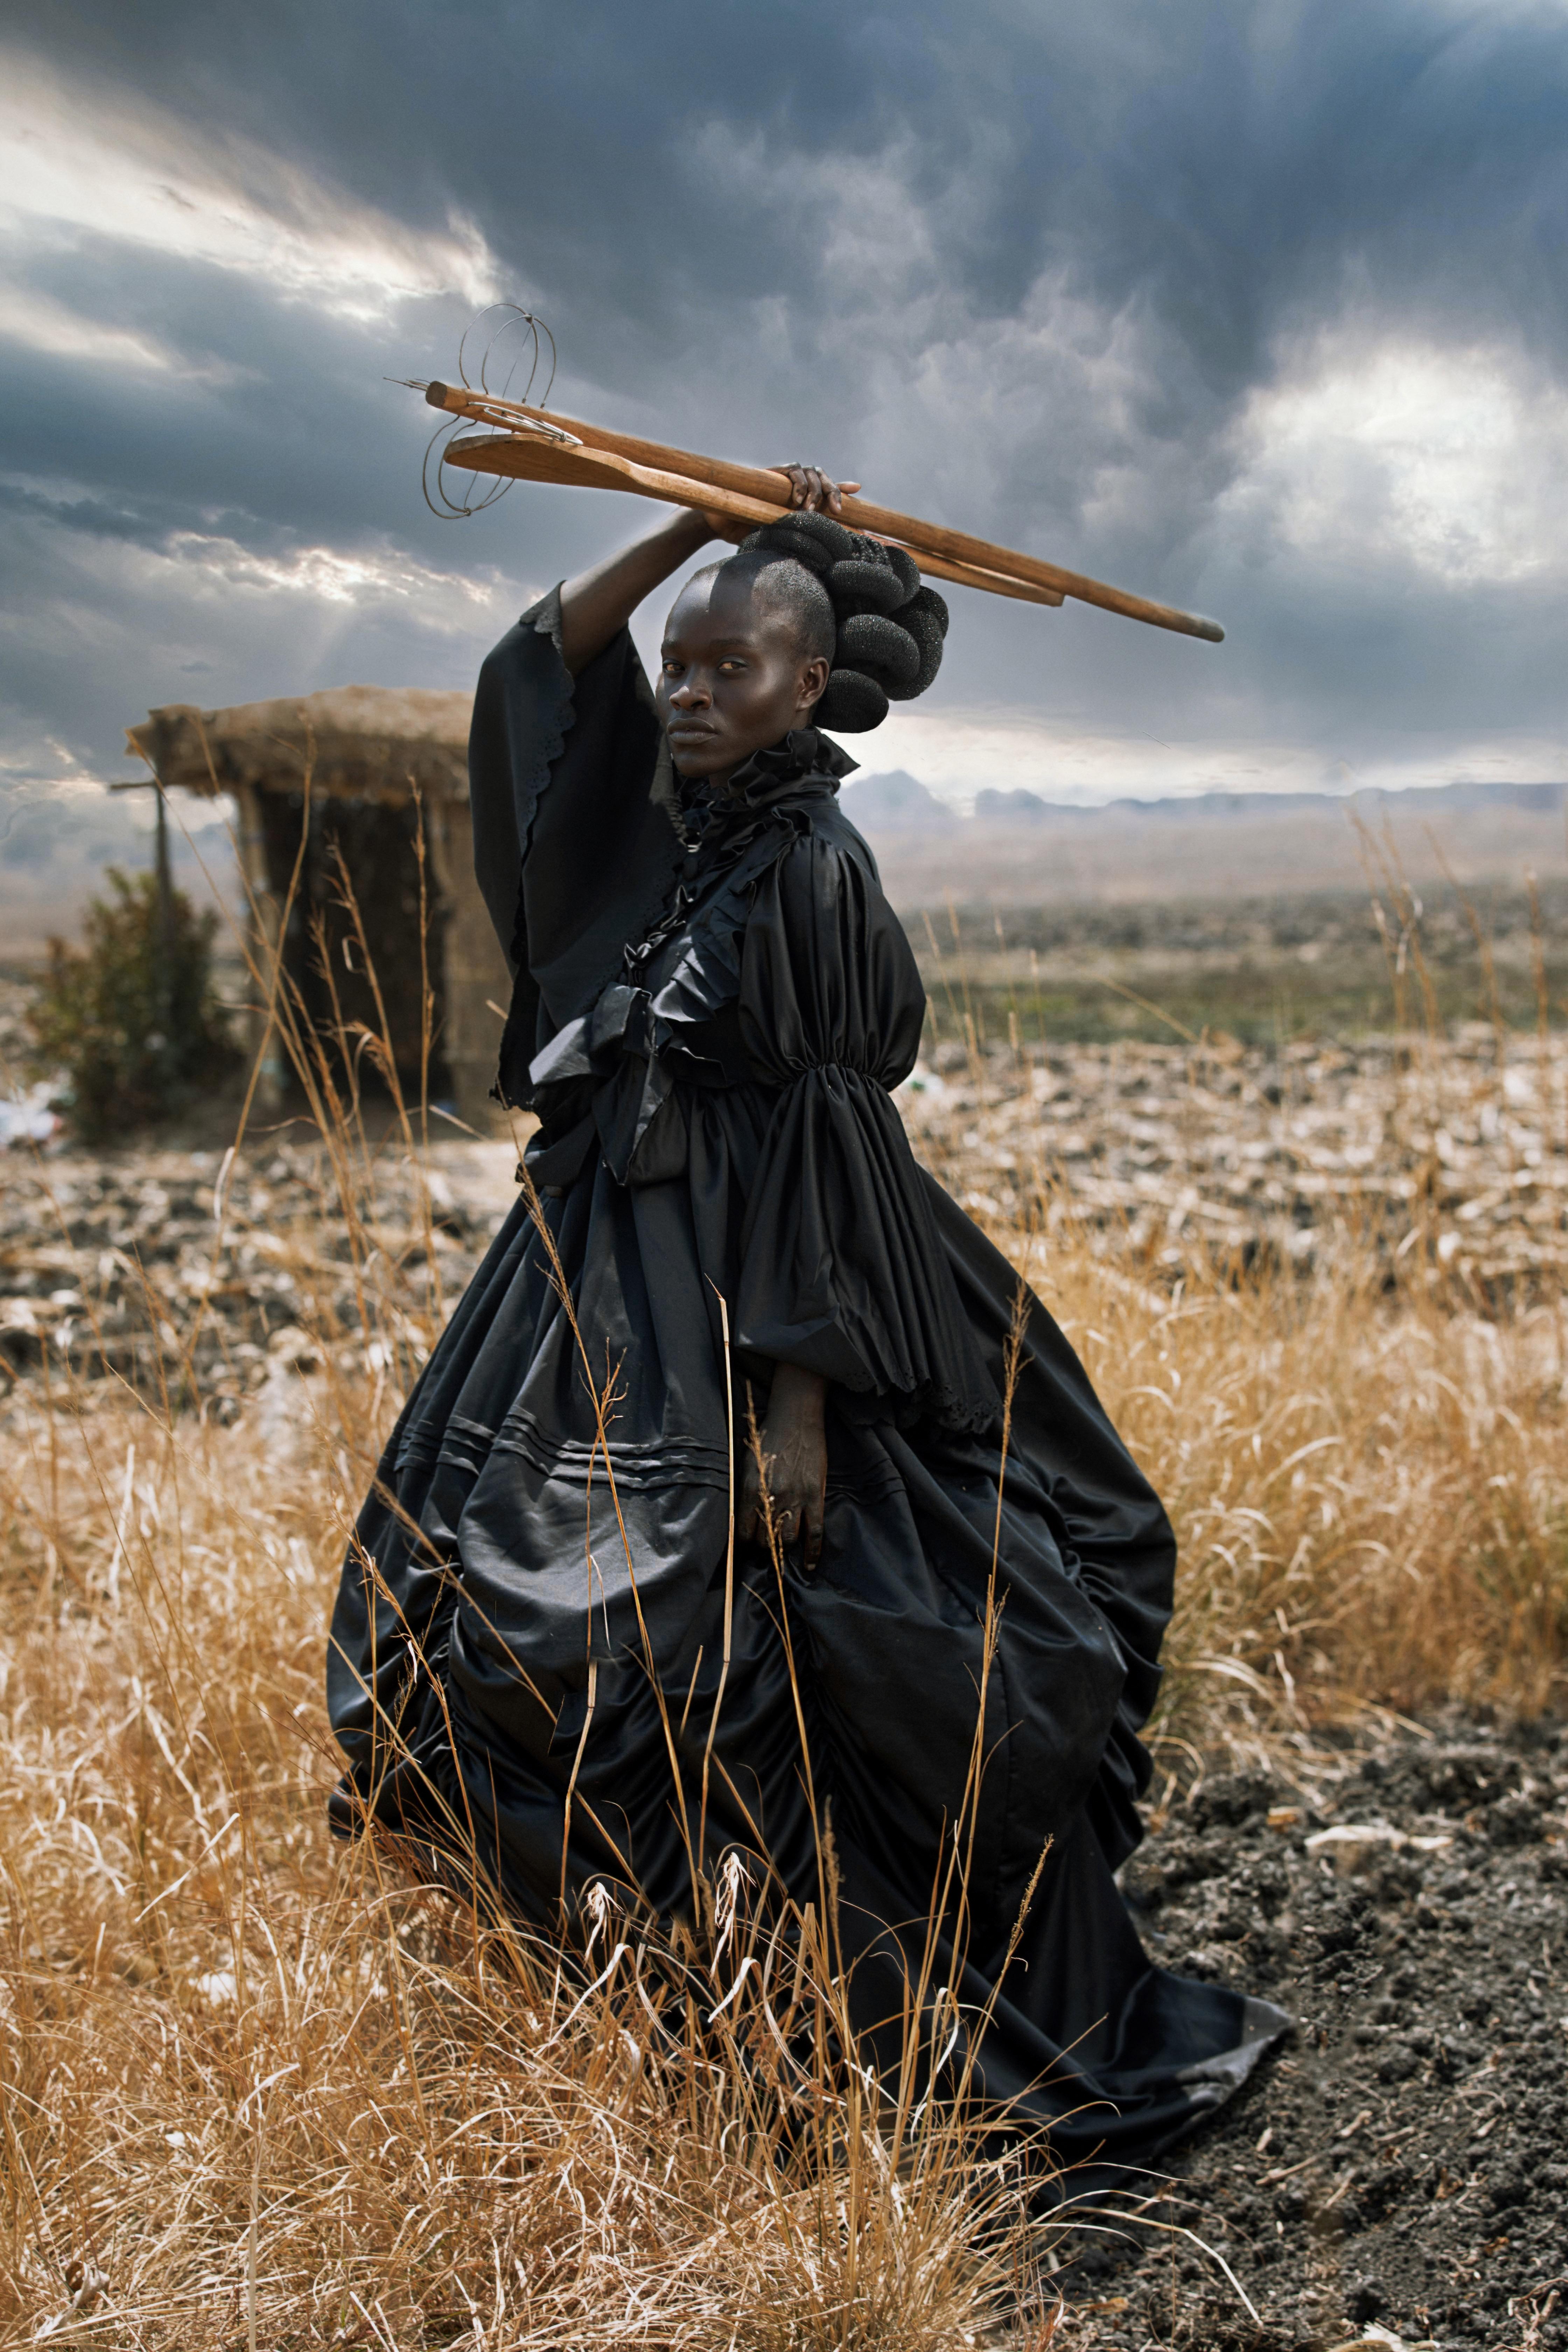 © tamary Kudita, Zimbabwe, entry, Open competition, Creative, 2021 Sony World Photography Awards